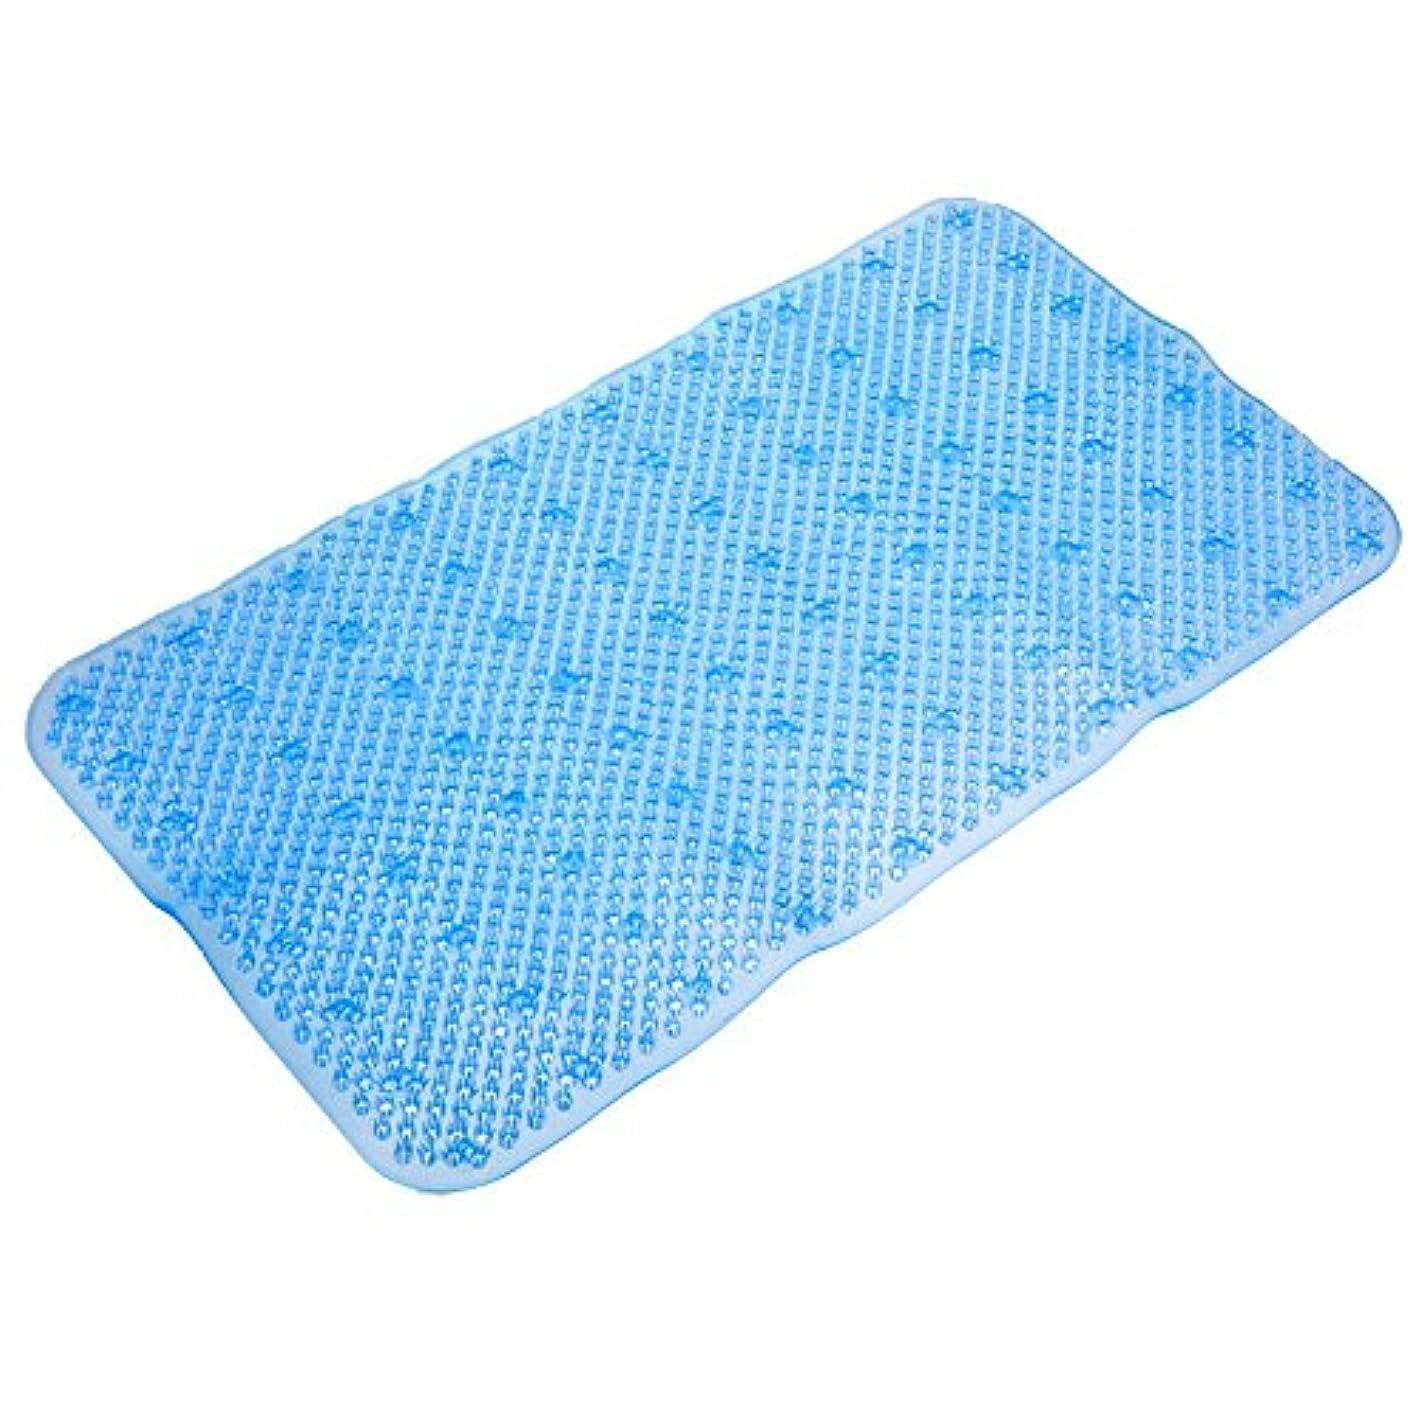 雹アロング偽善便利な pvc 34 × 64 センチ非スリップ風呂浴室シャワー トイレ アンチスリップフロアマット吸引吸盤パッド足マッサージ の敷物5色-青い